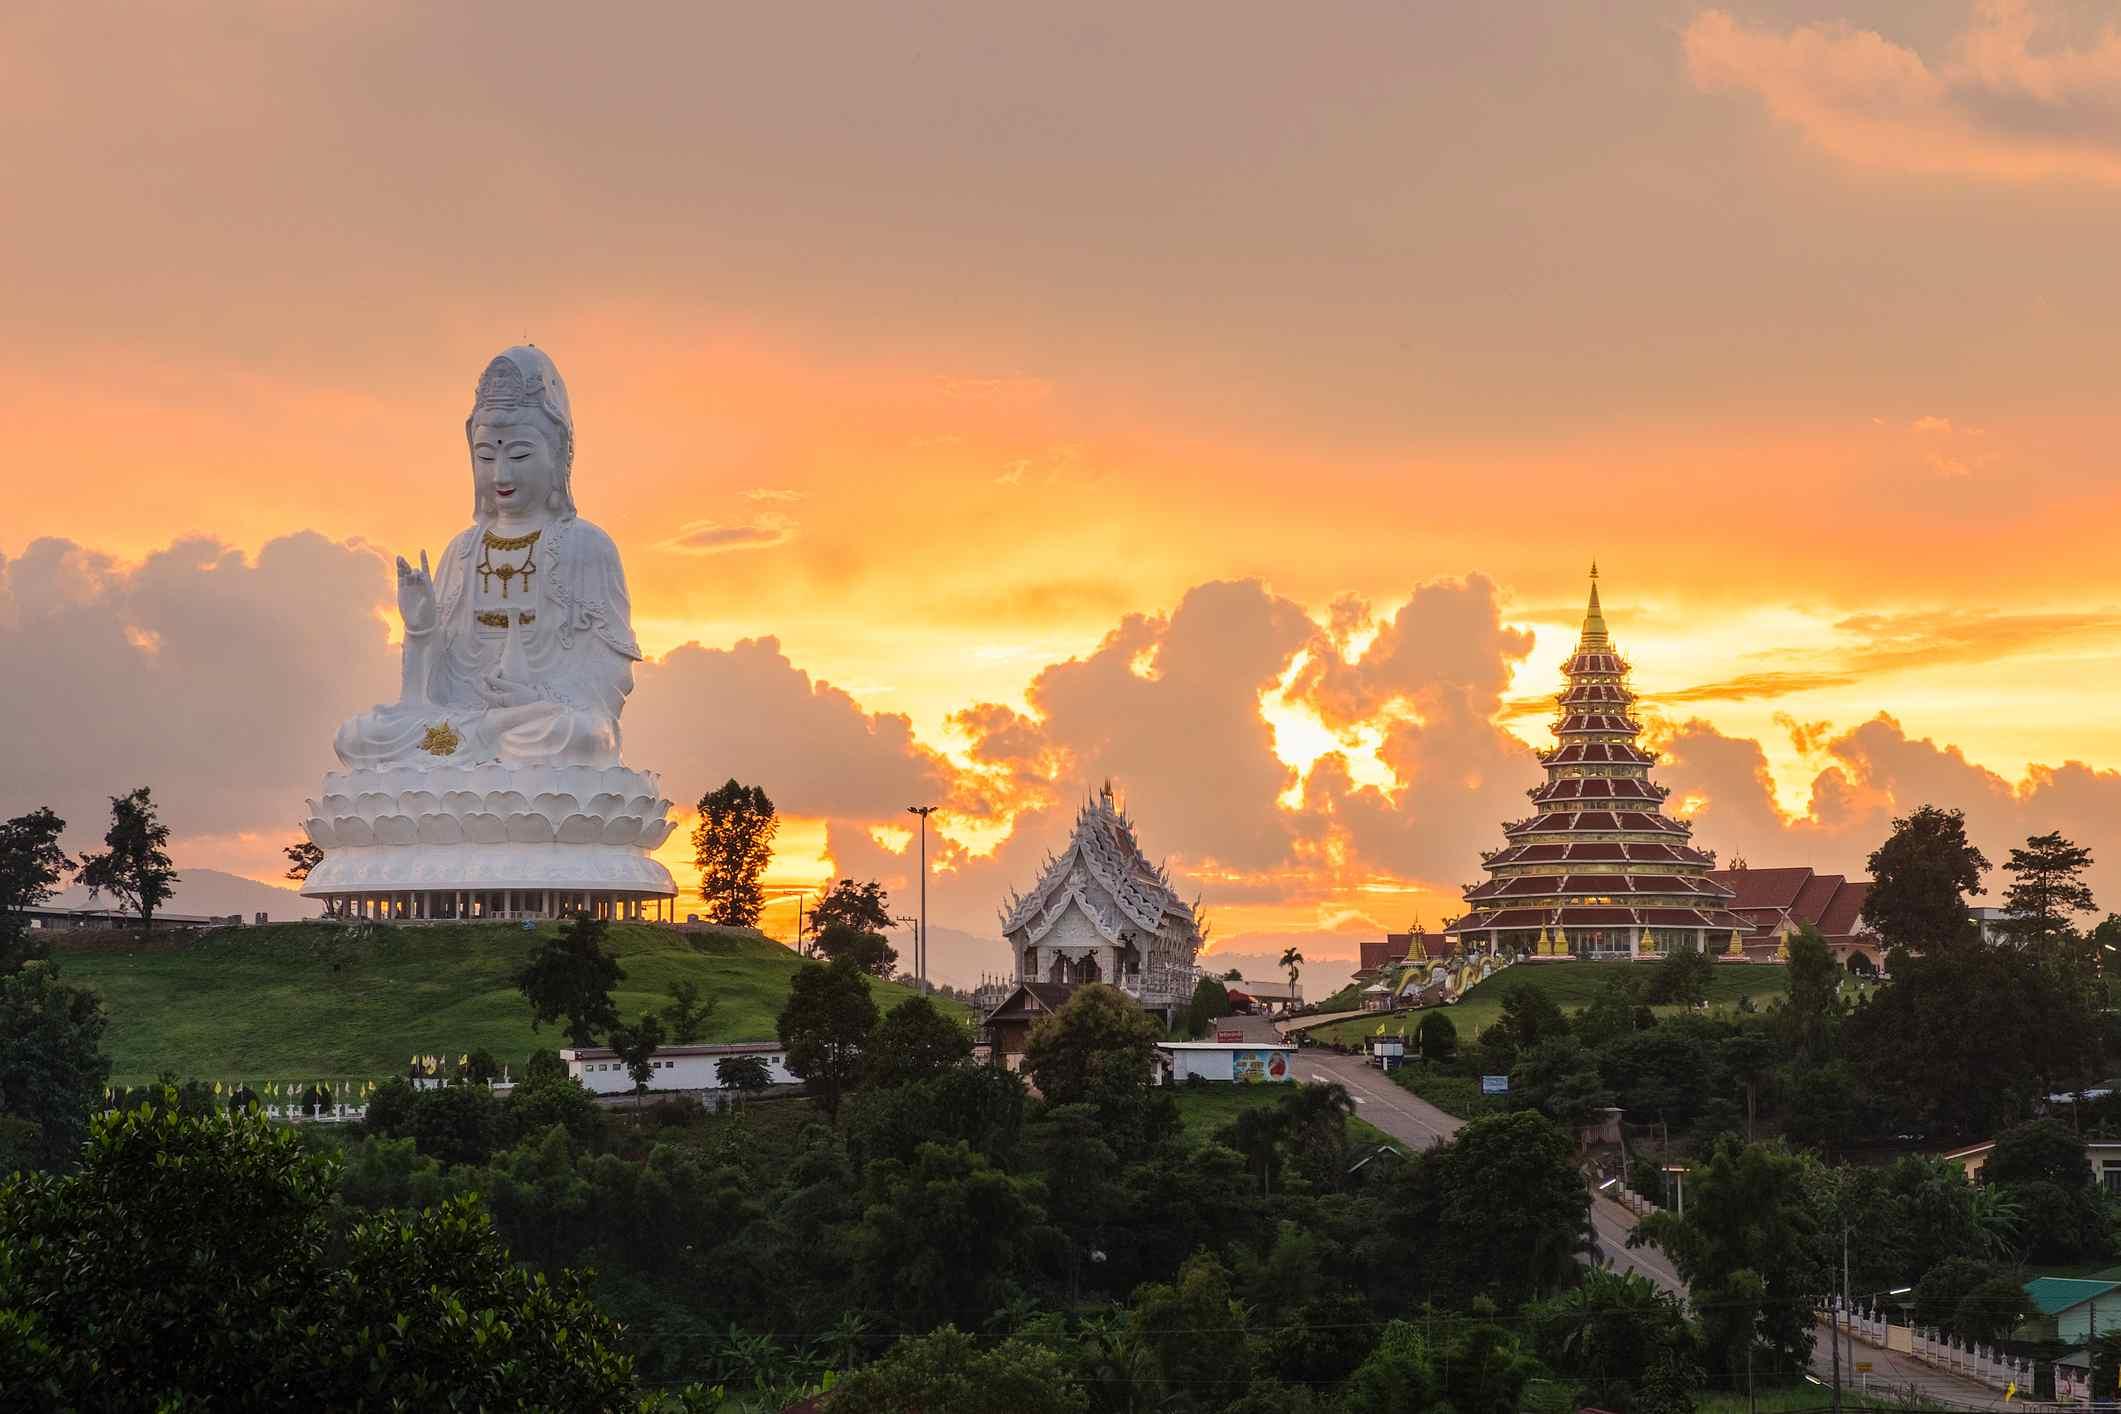 Hermosa puesta de sol en el templo wat hyua pla kang (templo chino) Chiang Rai, Tailandia